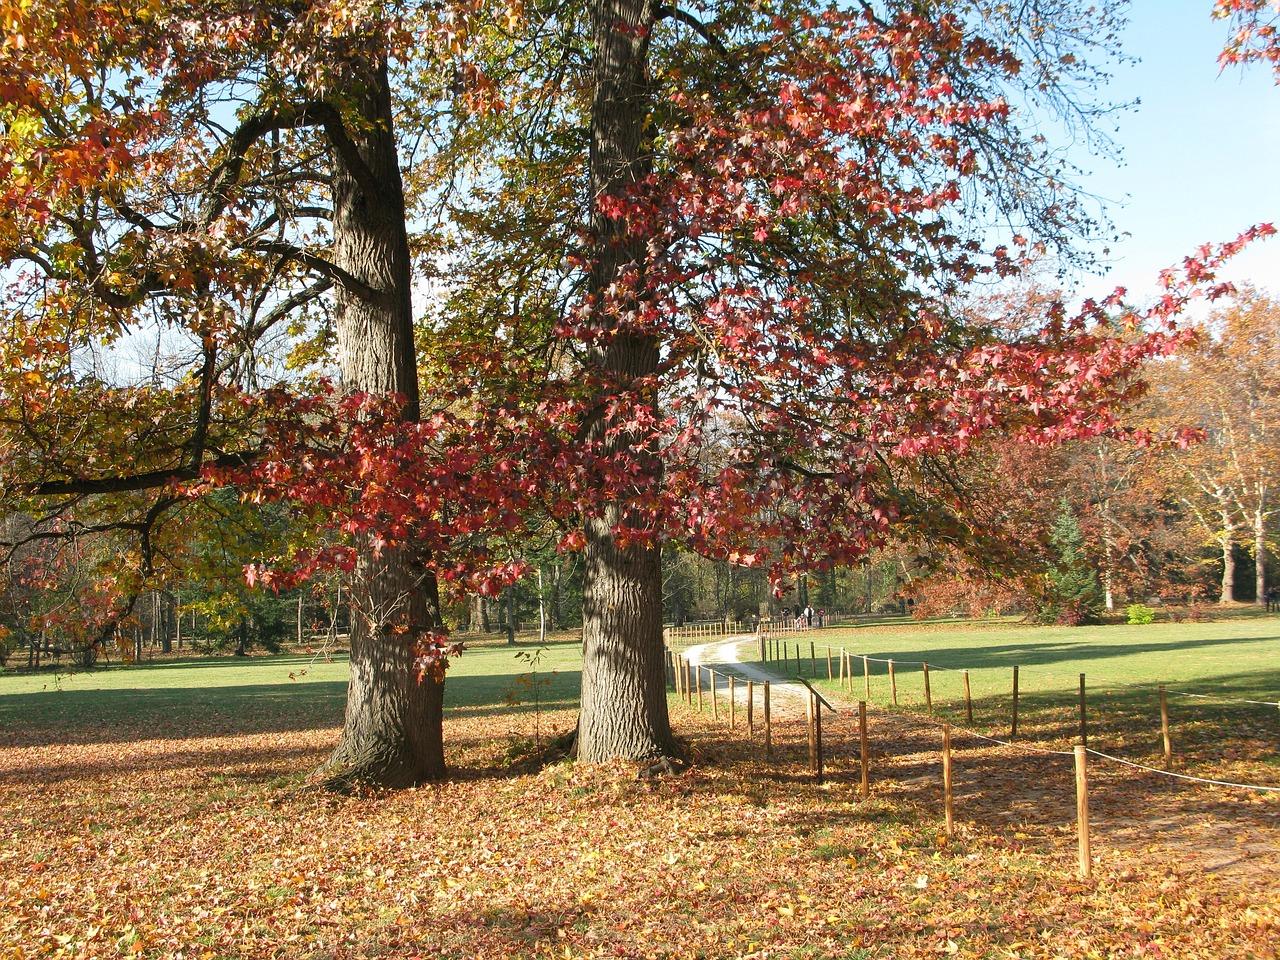 Картинки осенних деревьев в городе